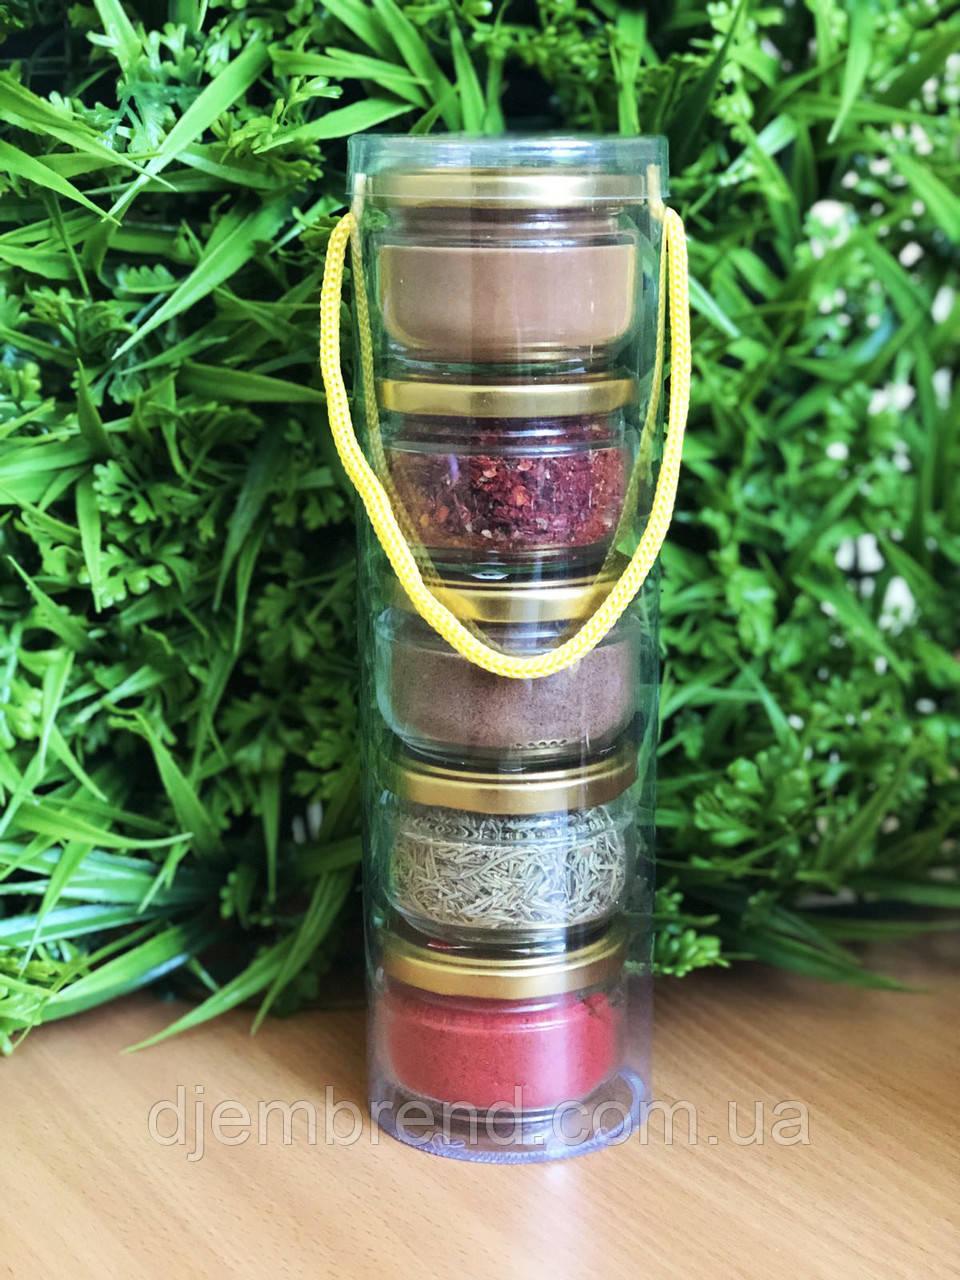 Подарунковий набір спецій : мускатний горіх, кориця, для м'яса, розмарин, паприка солодка червона